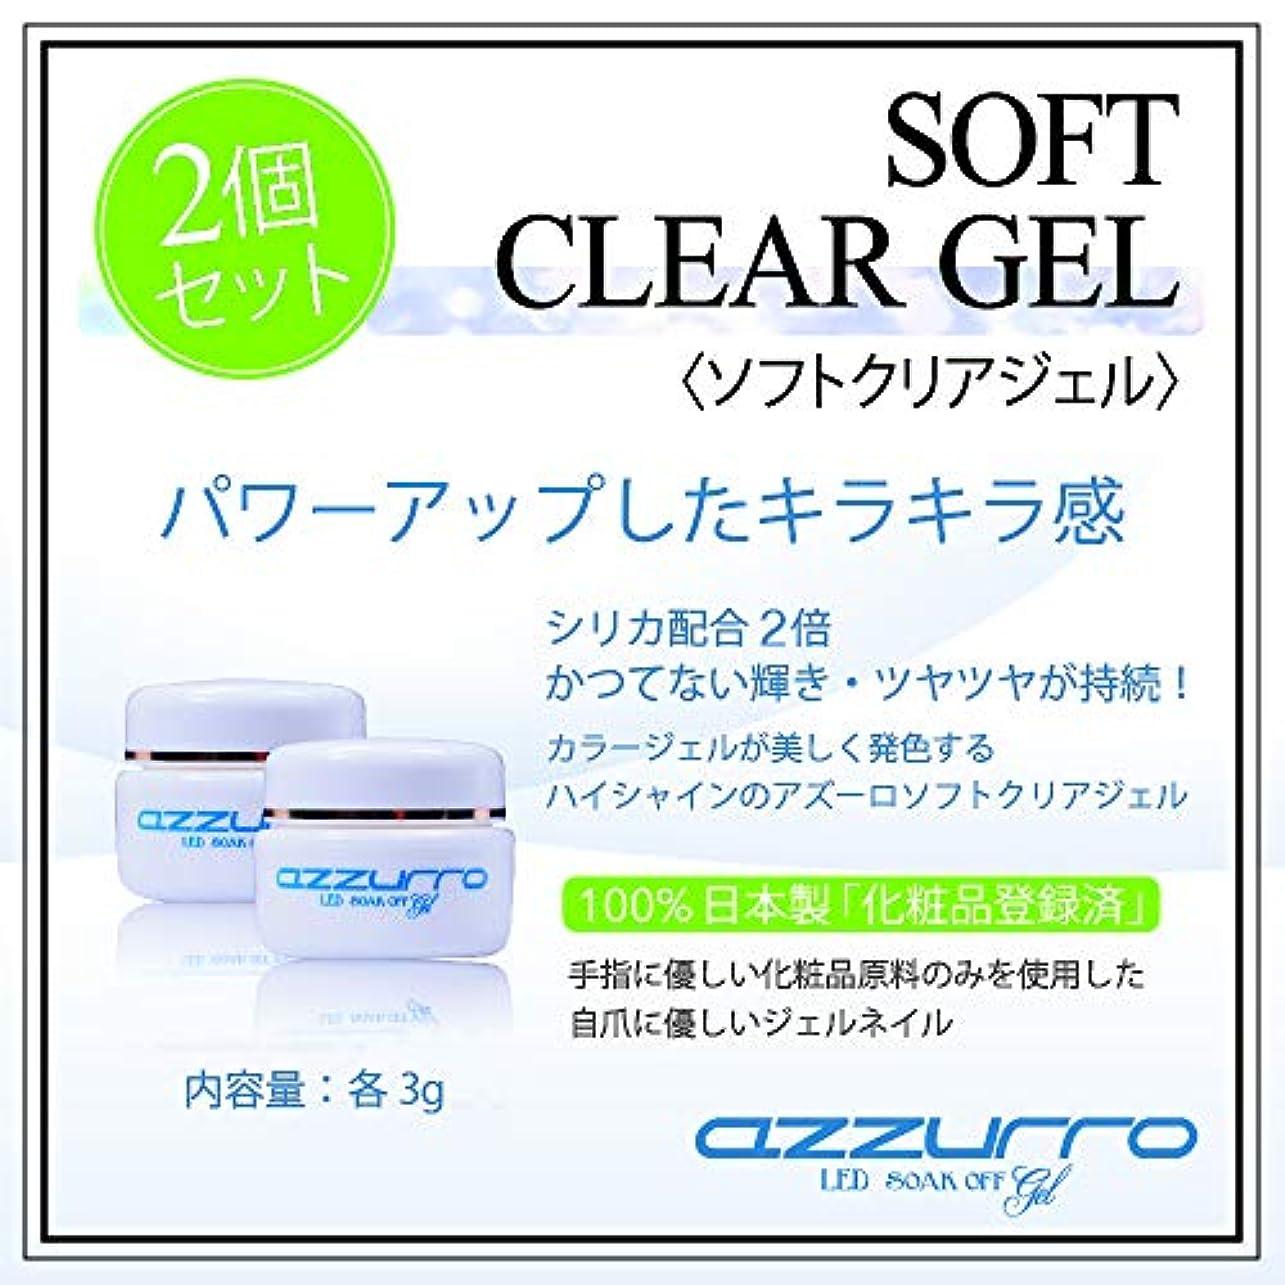 極めて主婦誠実さazzurro gel アッズーロ ソフトクリアージェル お得な2個セット ツヤツヤ キラキラ感持続 抜群のツヤ 爪に優しい日本製 3g